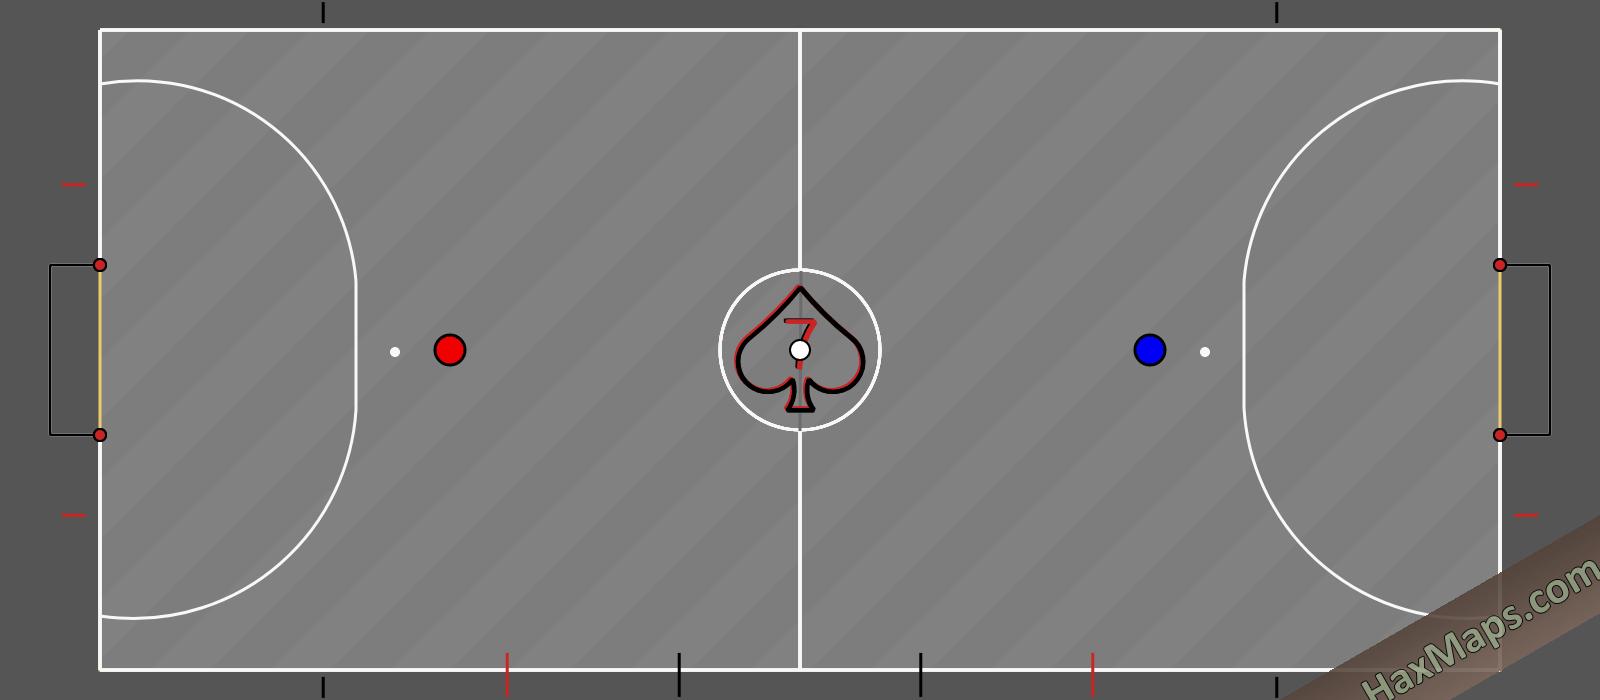 hax ball maps   Futsal x4 ; By mgrx & Sie7e_de_pics